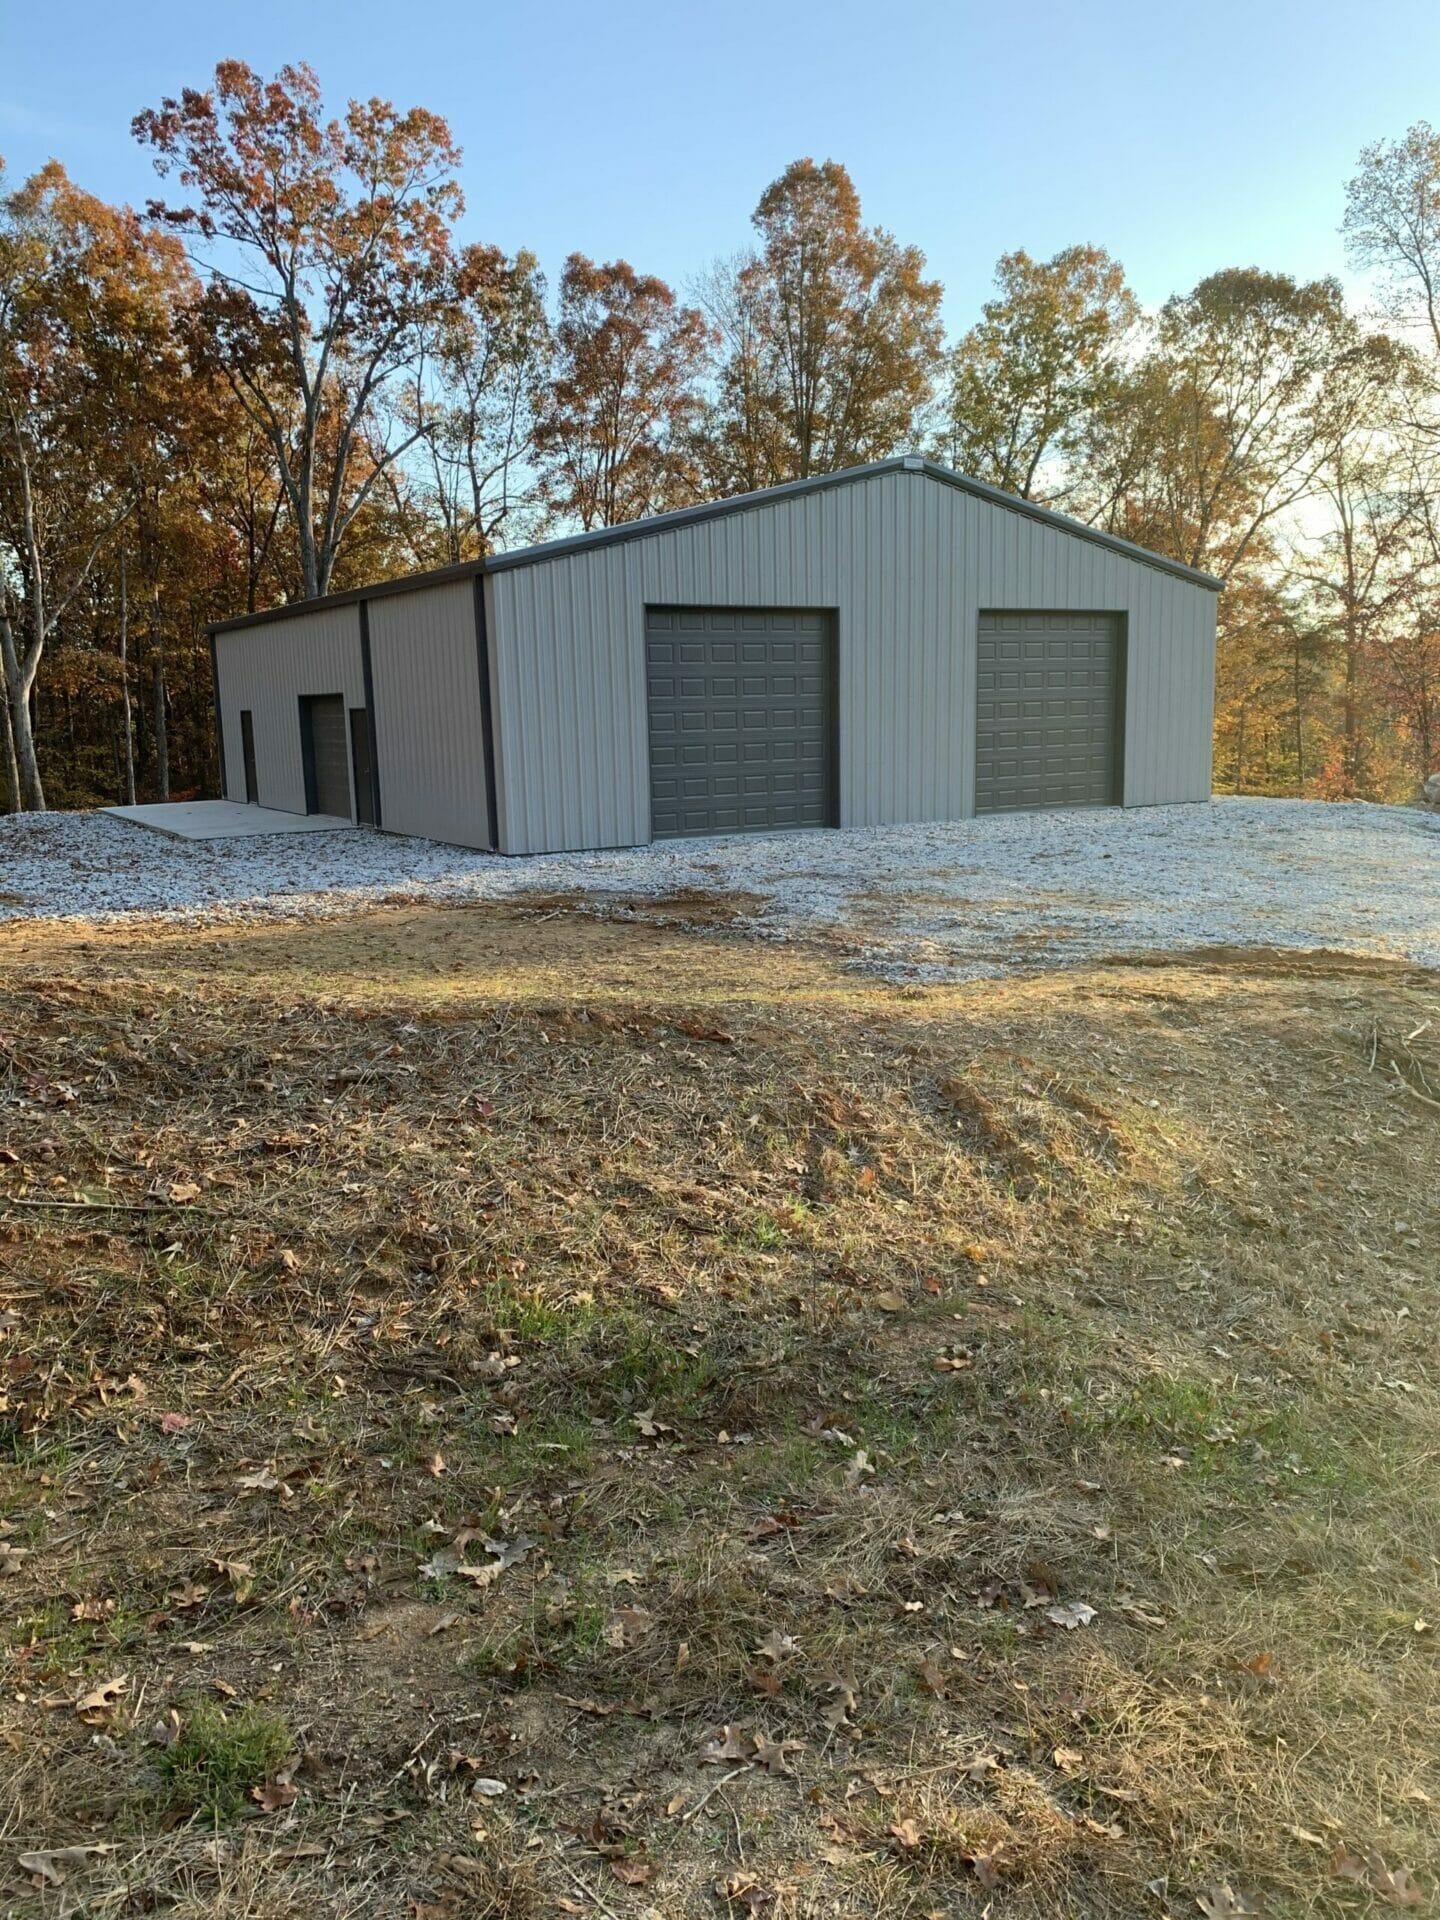 Pre-Engineered Metal Garage Building With Roll Up Garage Door, Custom Windows, And Standard Doors